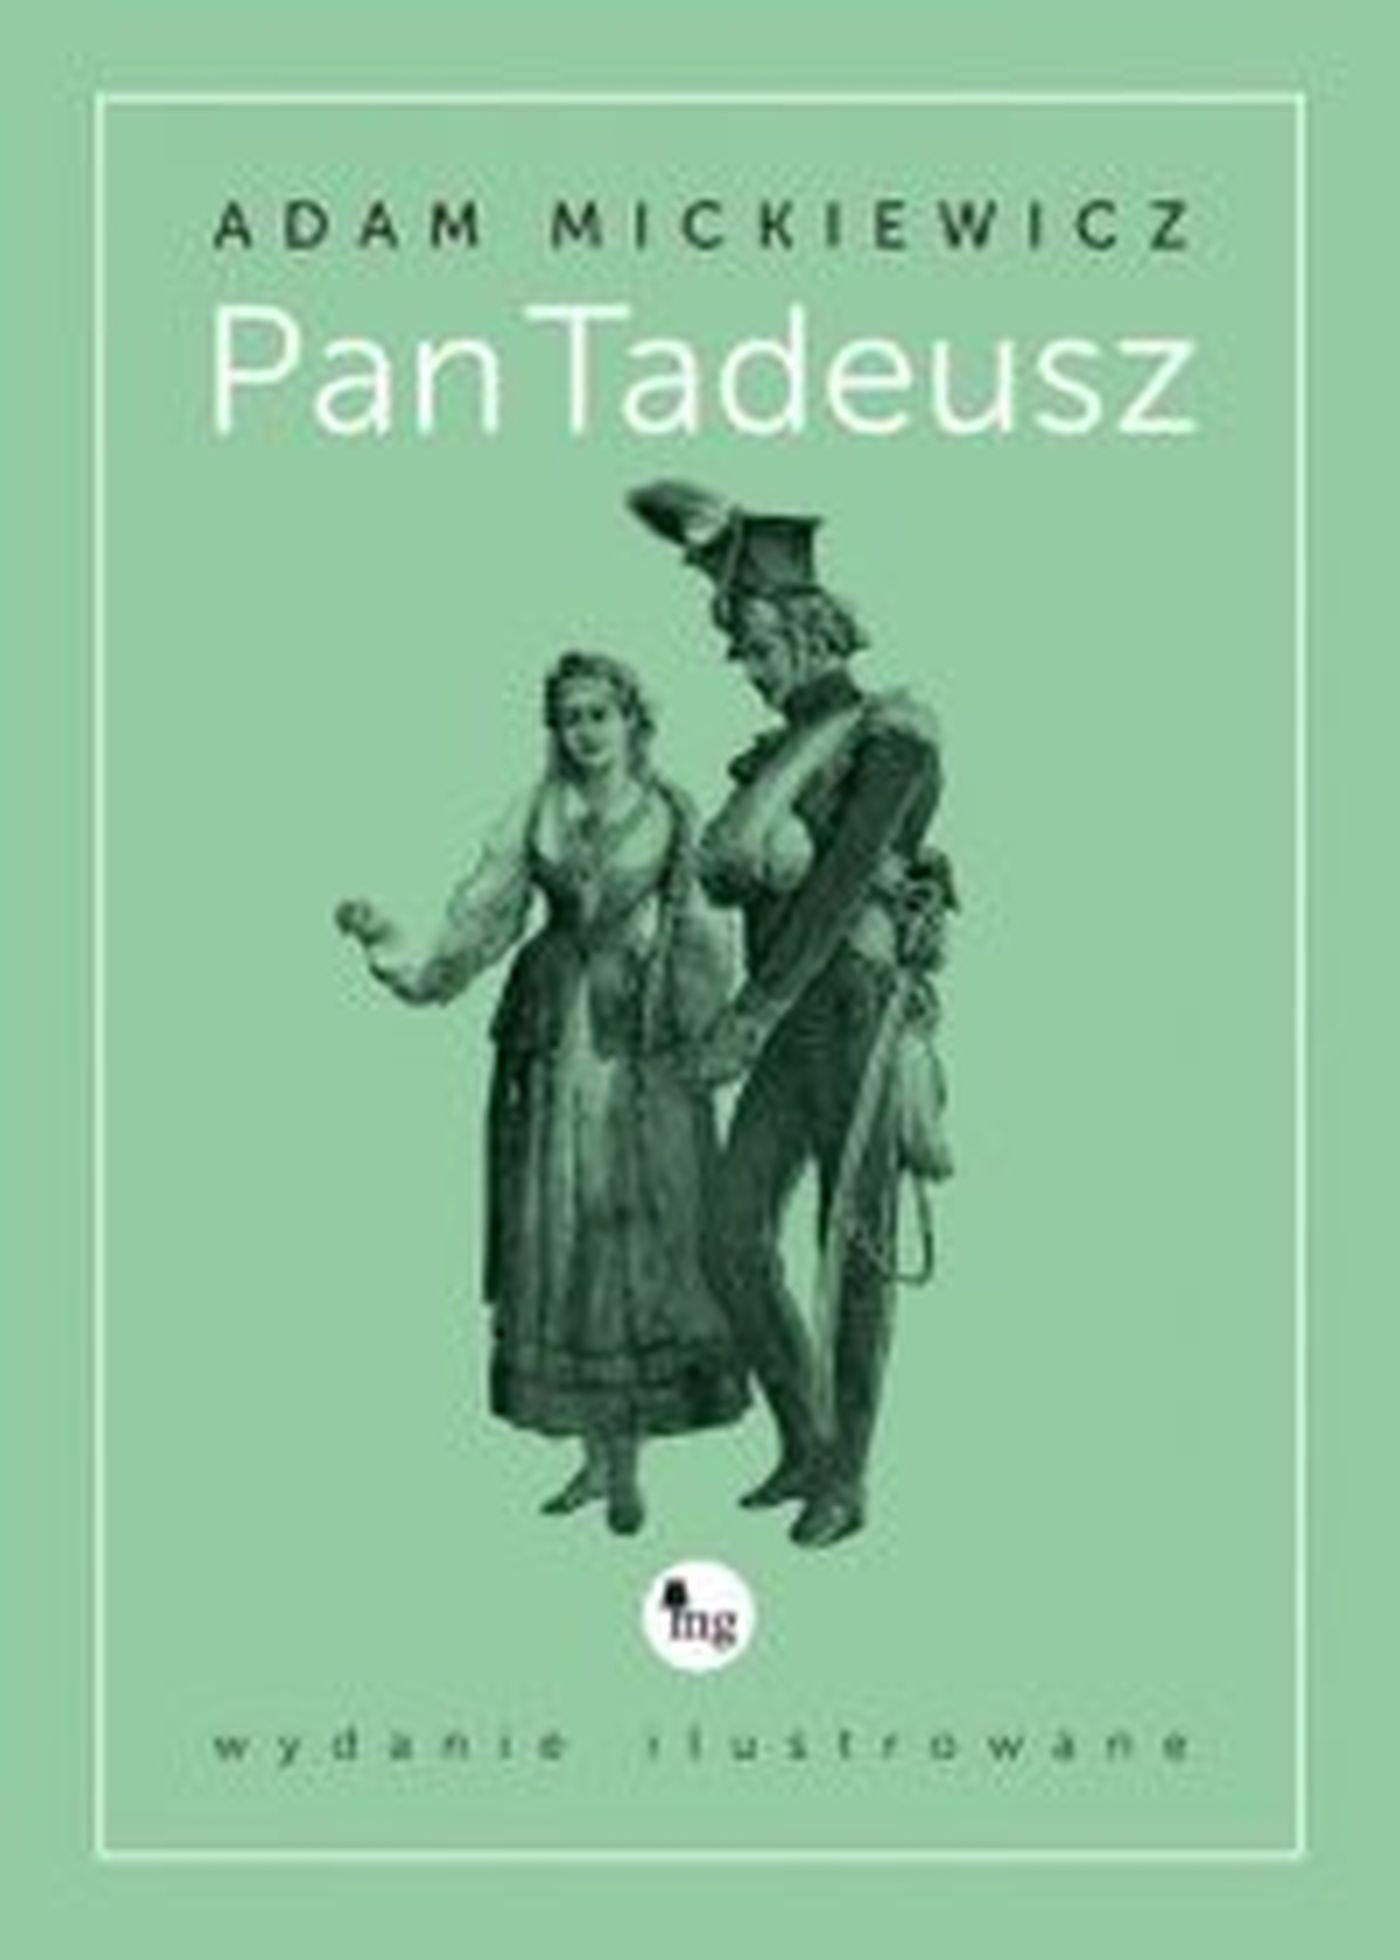 Pan Tadeusz. Wydanie ilustrowane - Ebook (Książka EPUB) do pobrania w formacie EPUB